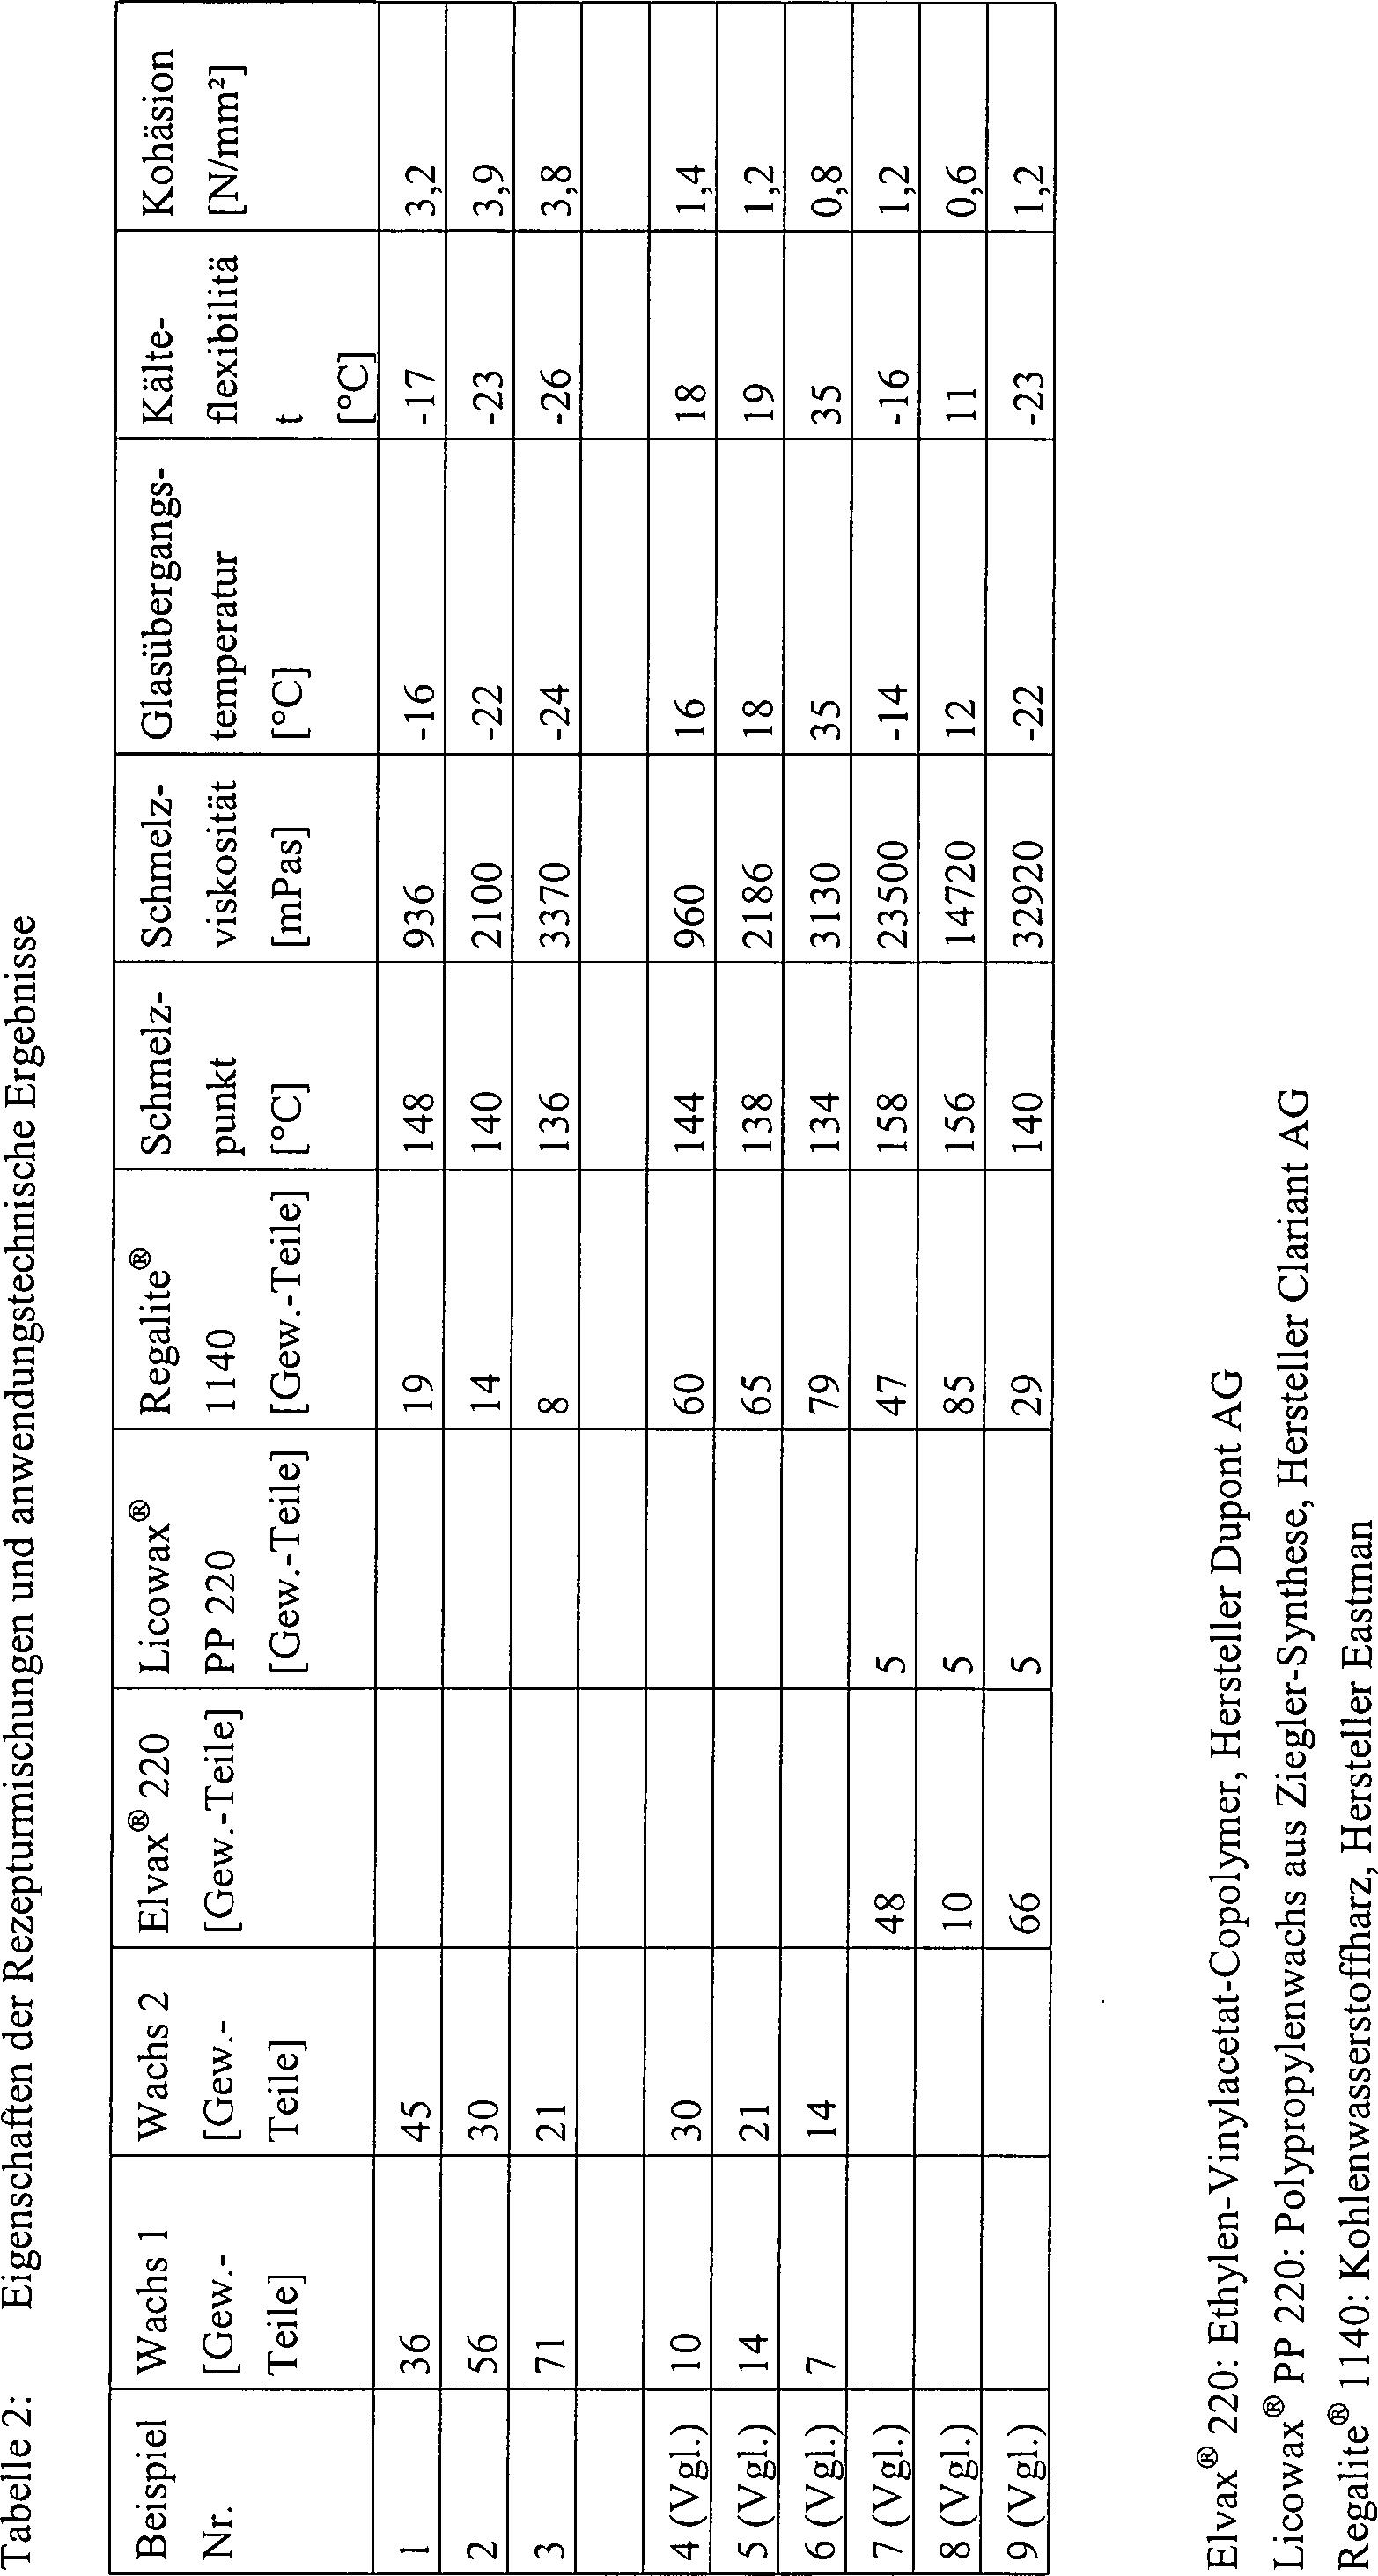 Figure DE502005008522C5_0006